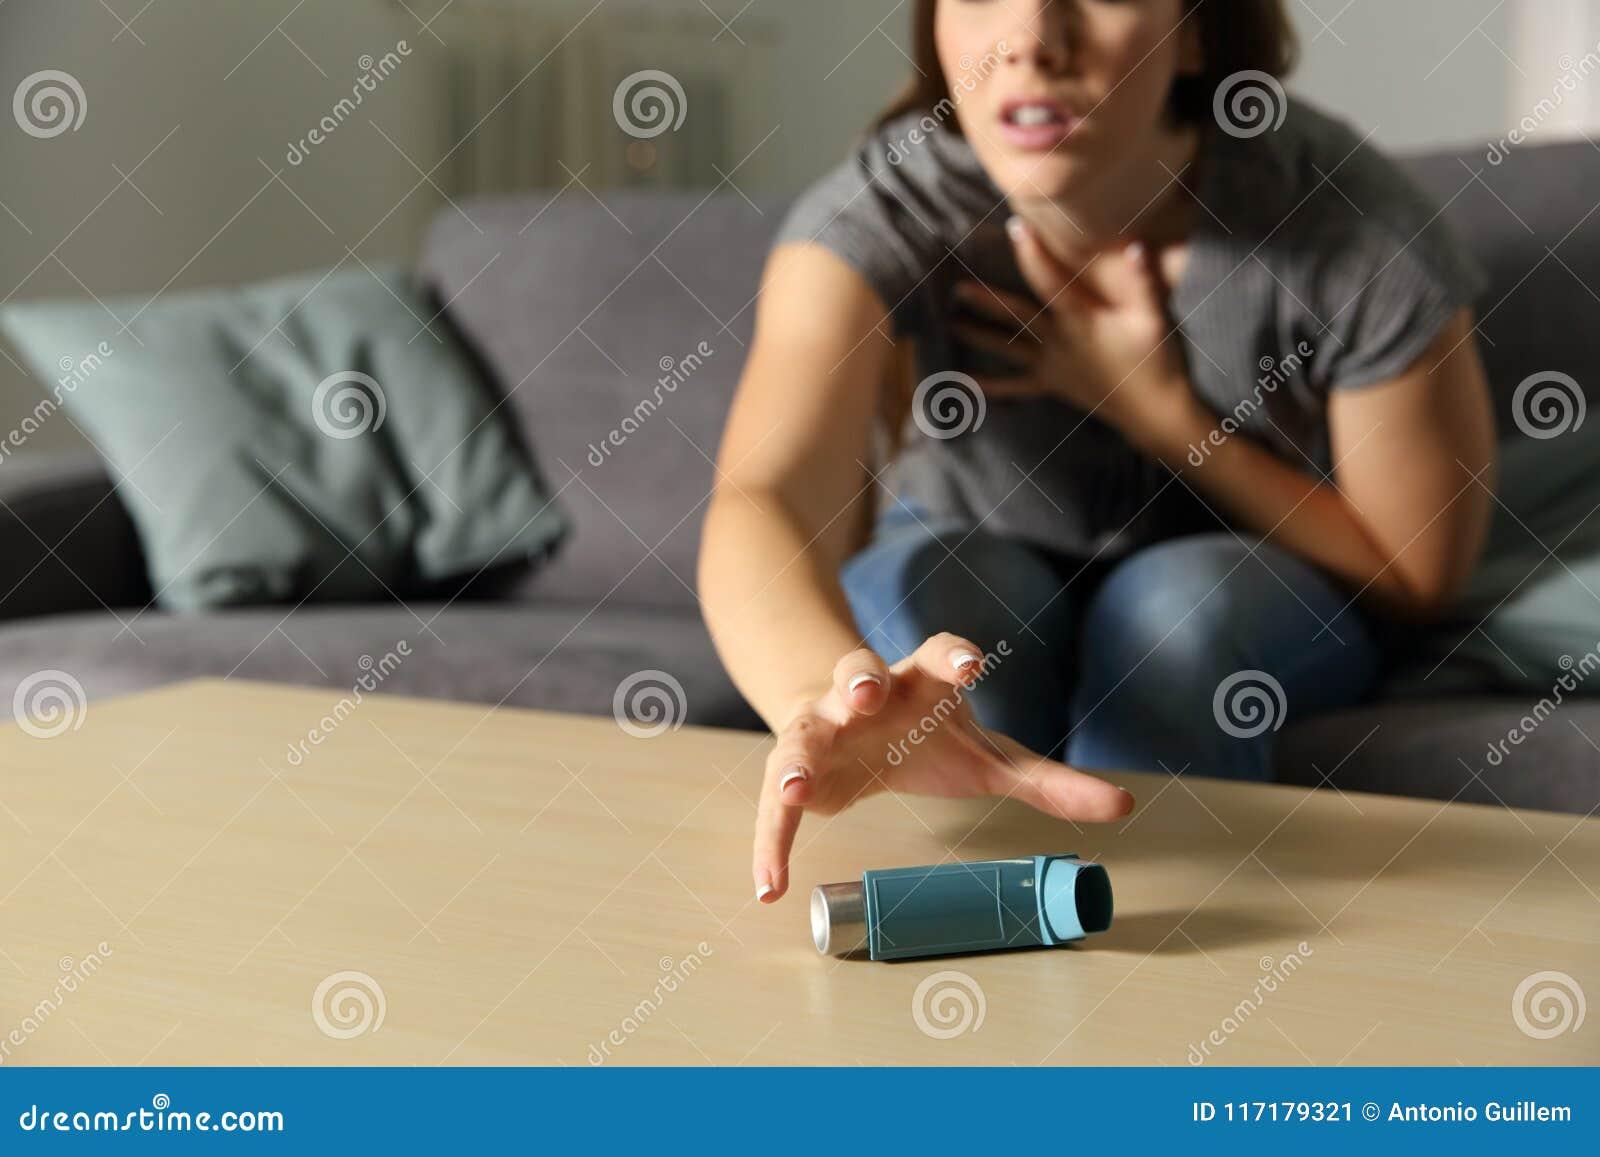 有Asmathic女孩传染性的吸入器哮喘病发作